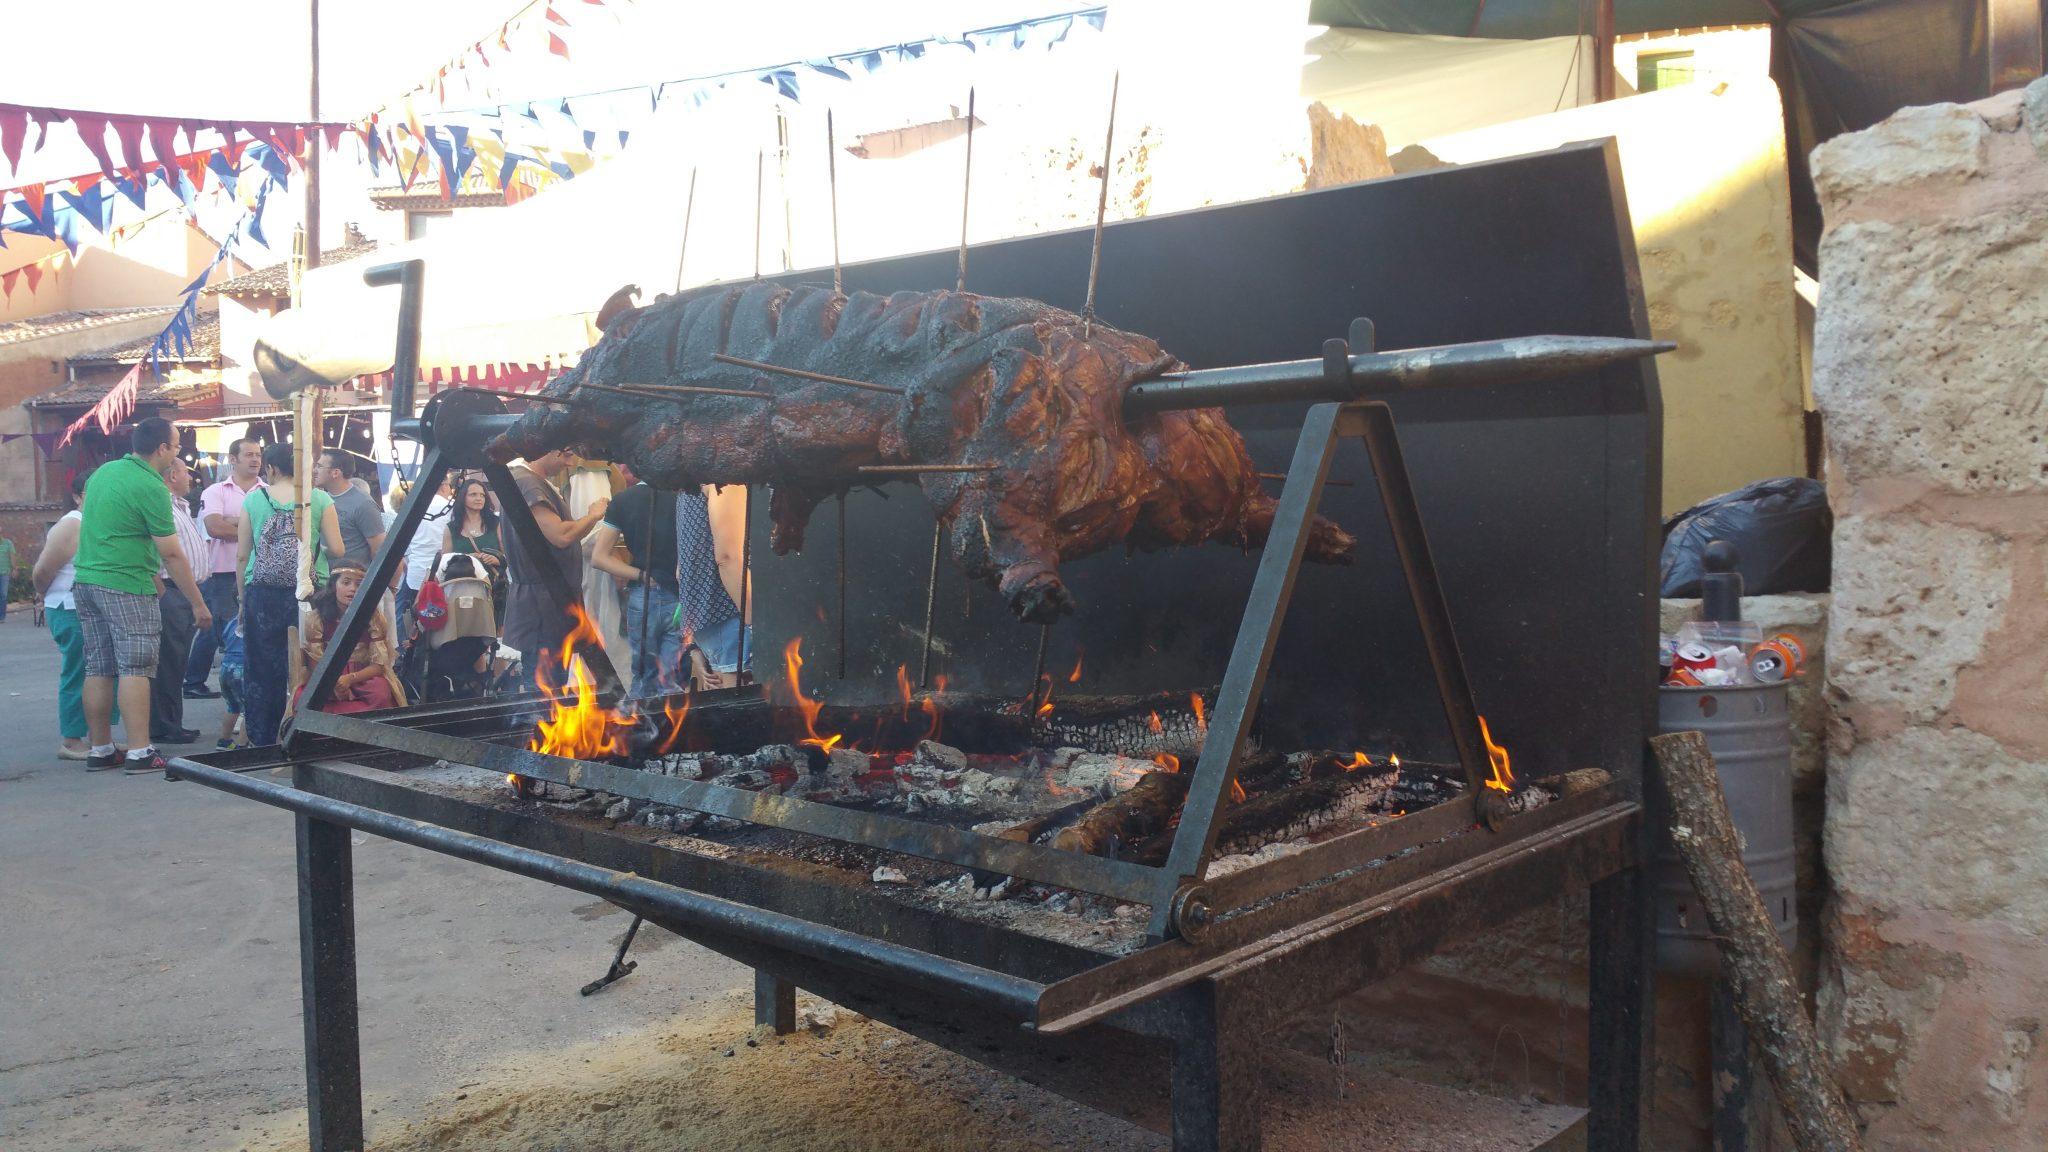 XIX Mercado medieval – Feria Ayllón Medieval 2015